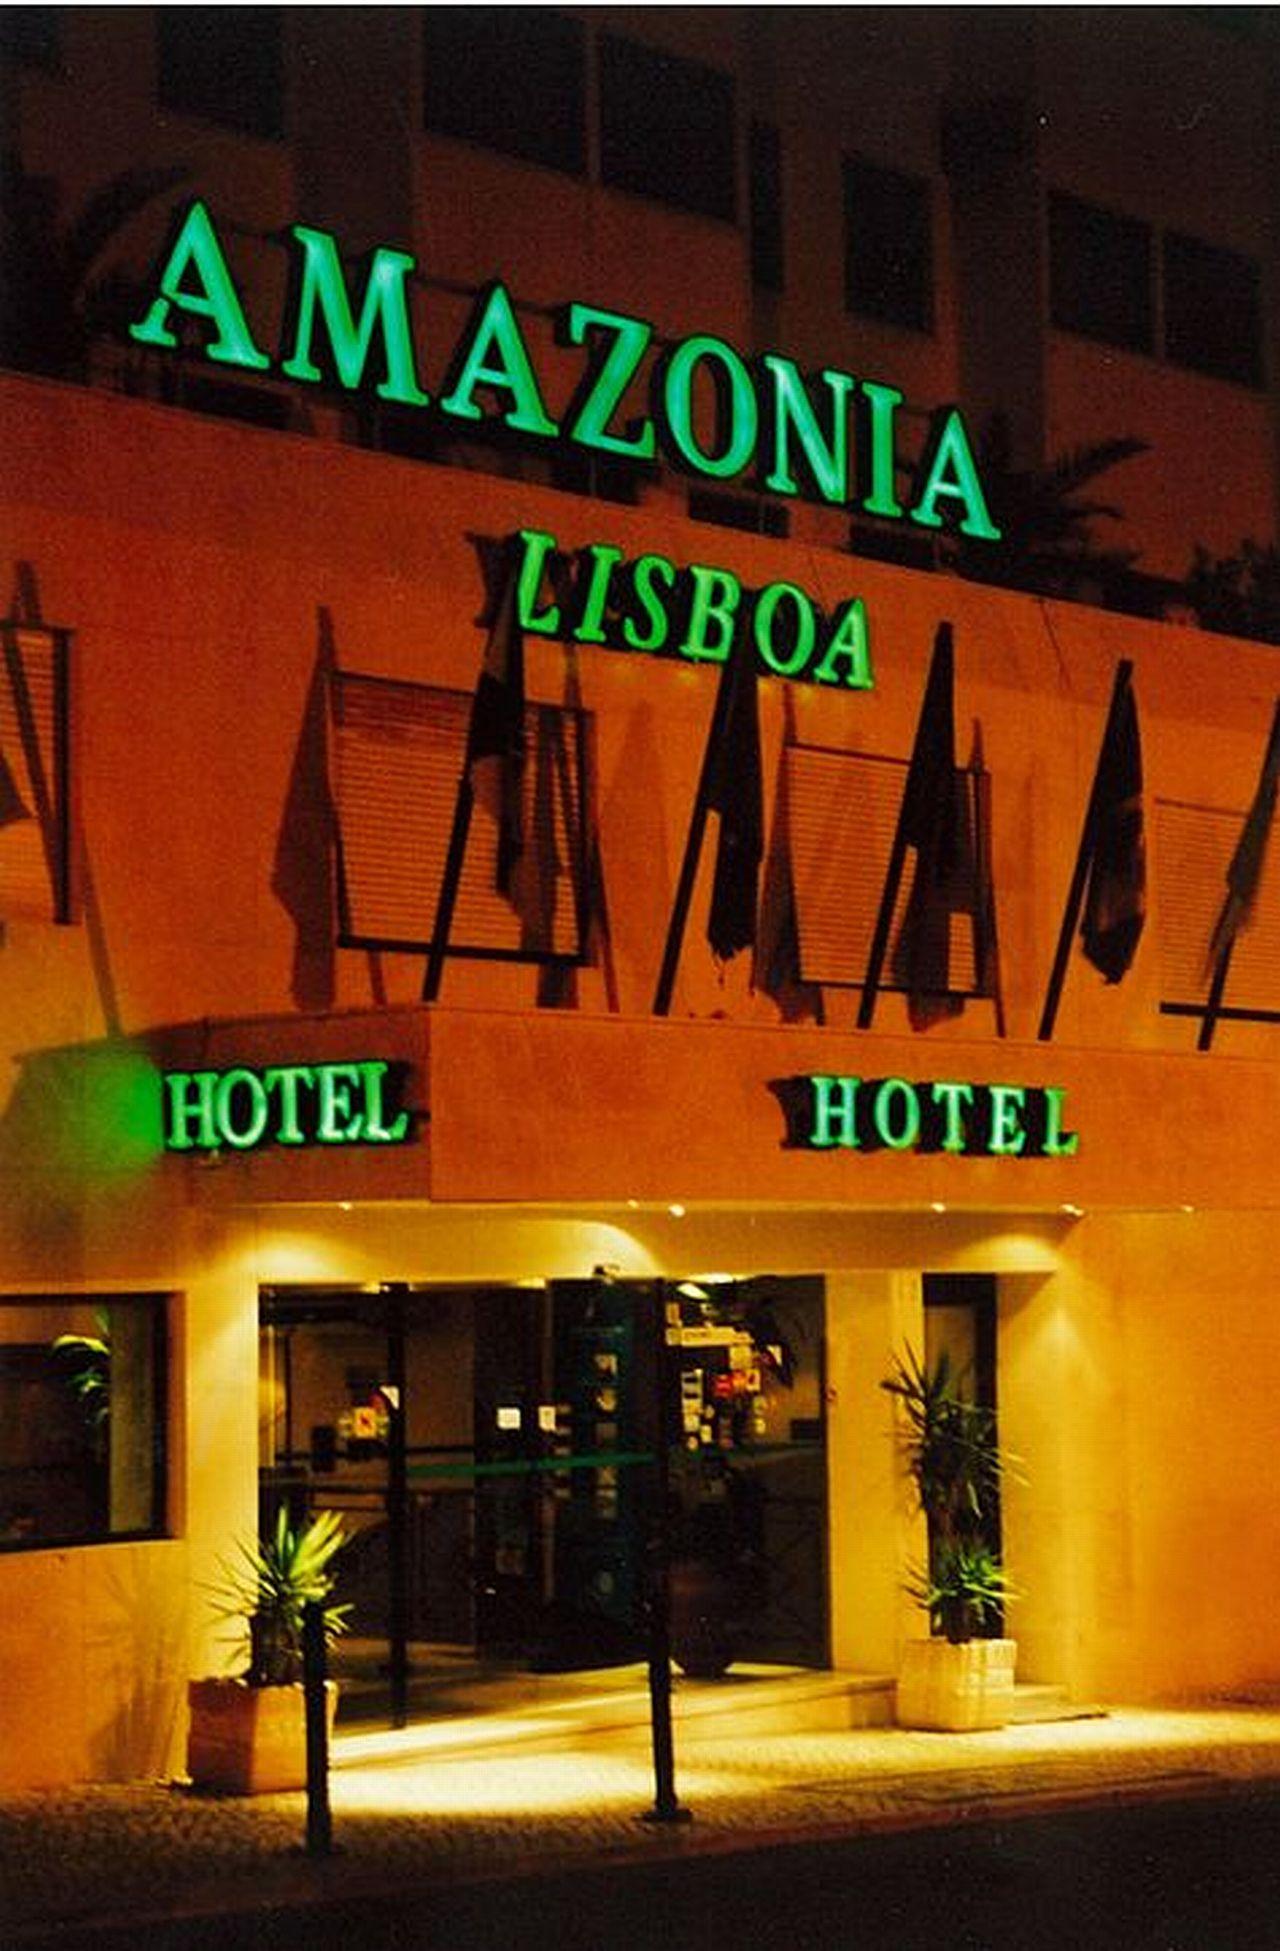 Hotel Amazonia Lisboa